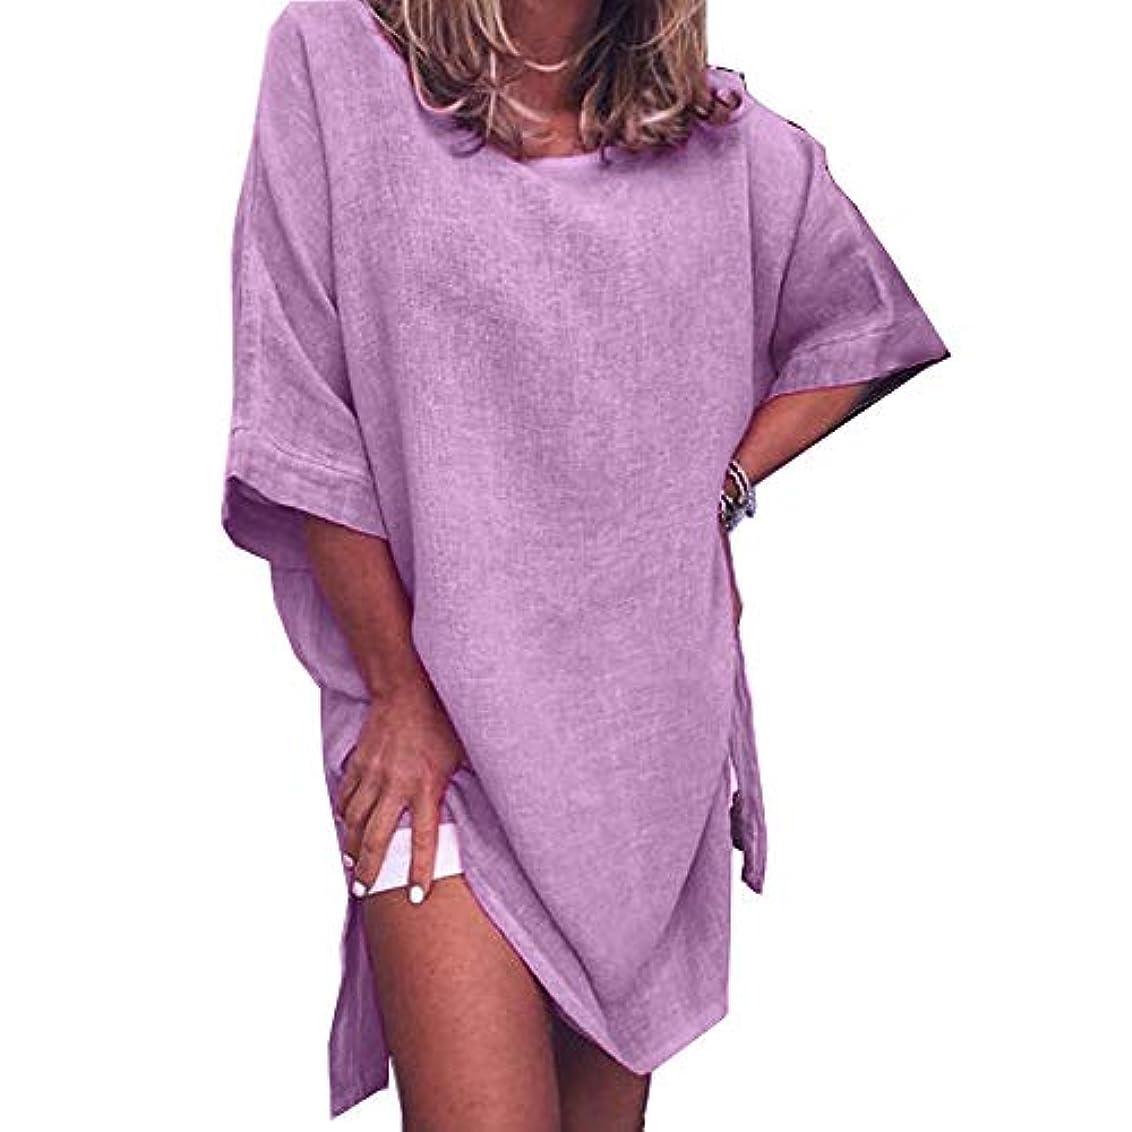 ランタン探検作成するMIFAN サマードレス、ビーチドレス、ルーズドレス、プラスサイズ、リネンドレス、トップス&ブラウス、女性ドレス、カジュアルドレス